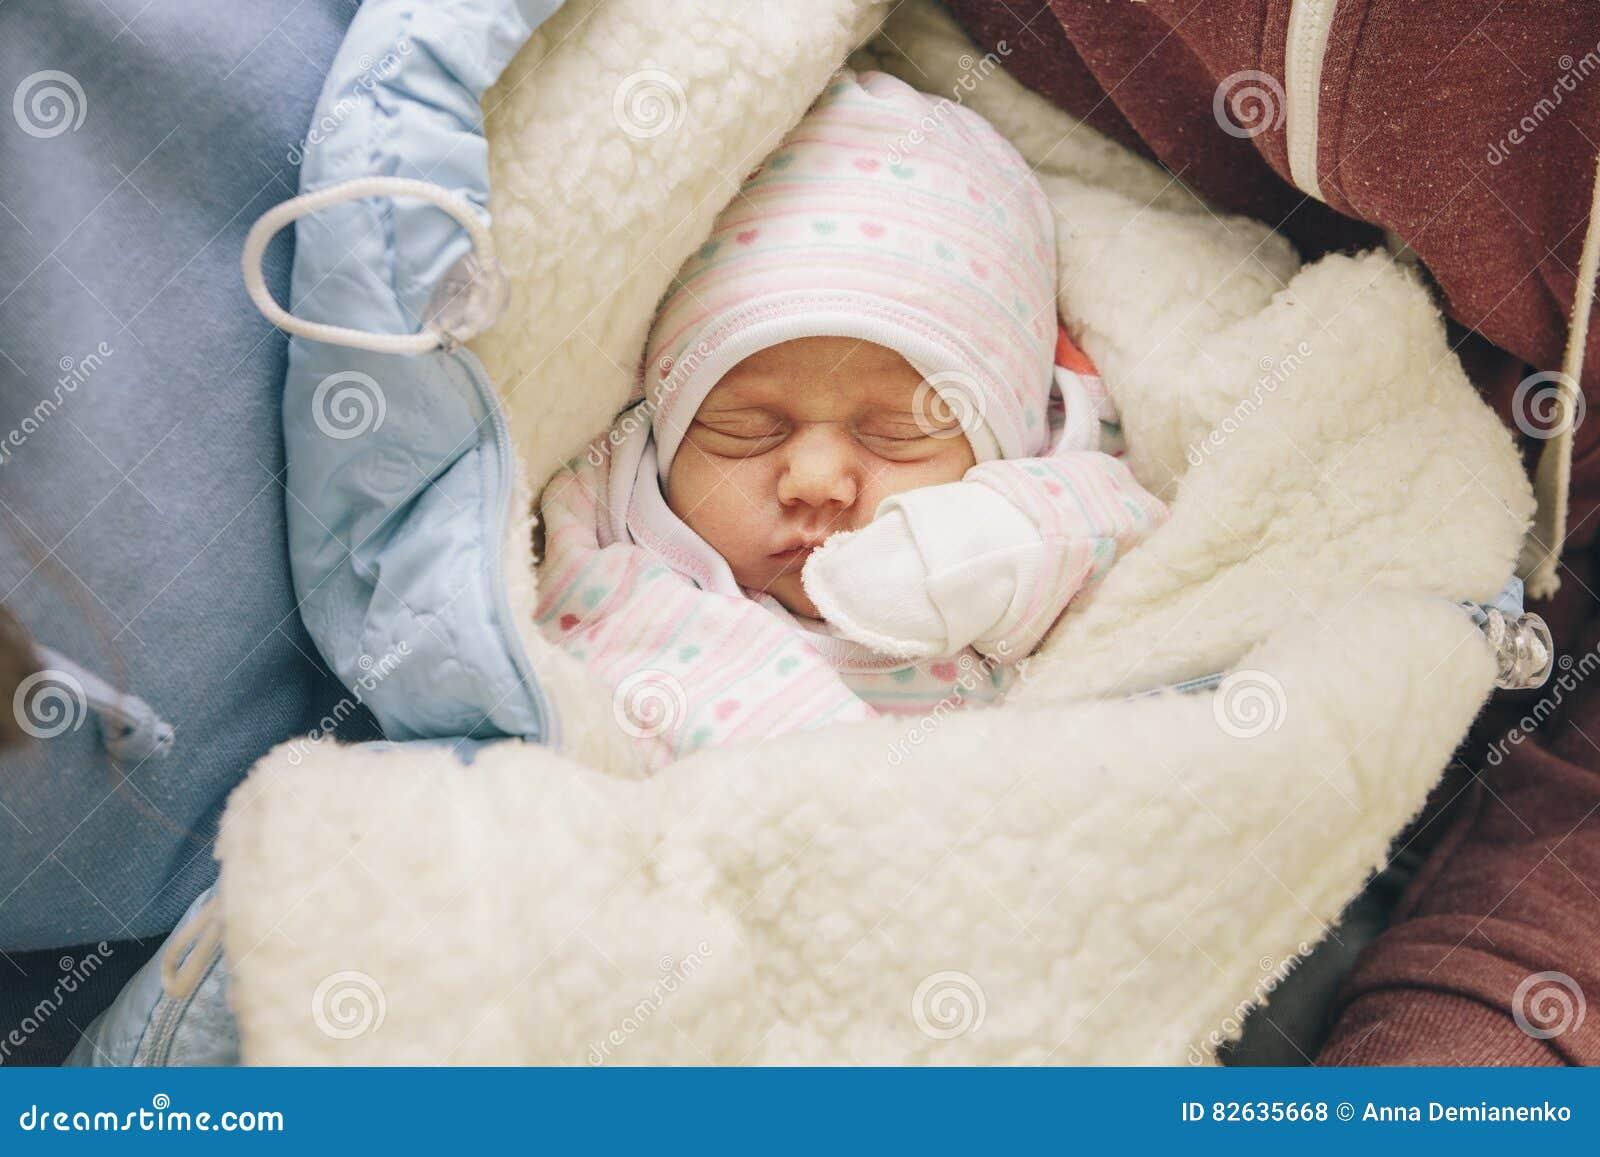 Criança recém-nascida infantil pequena no hospital de maternidade em seus pais